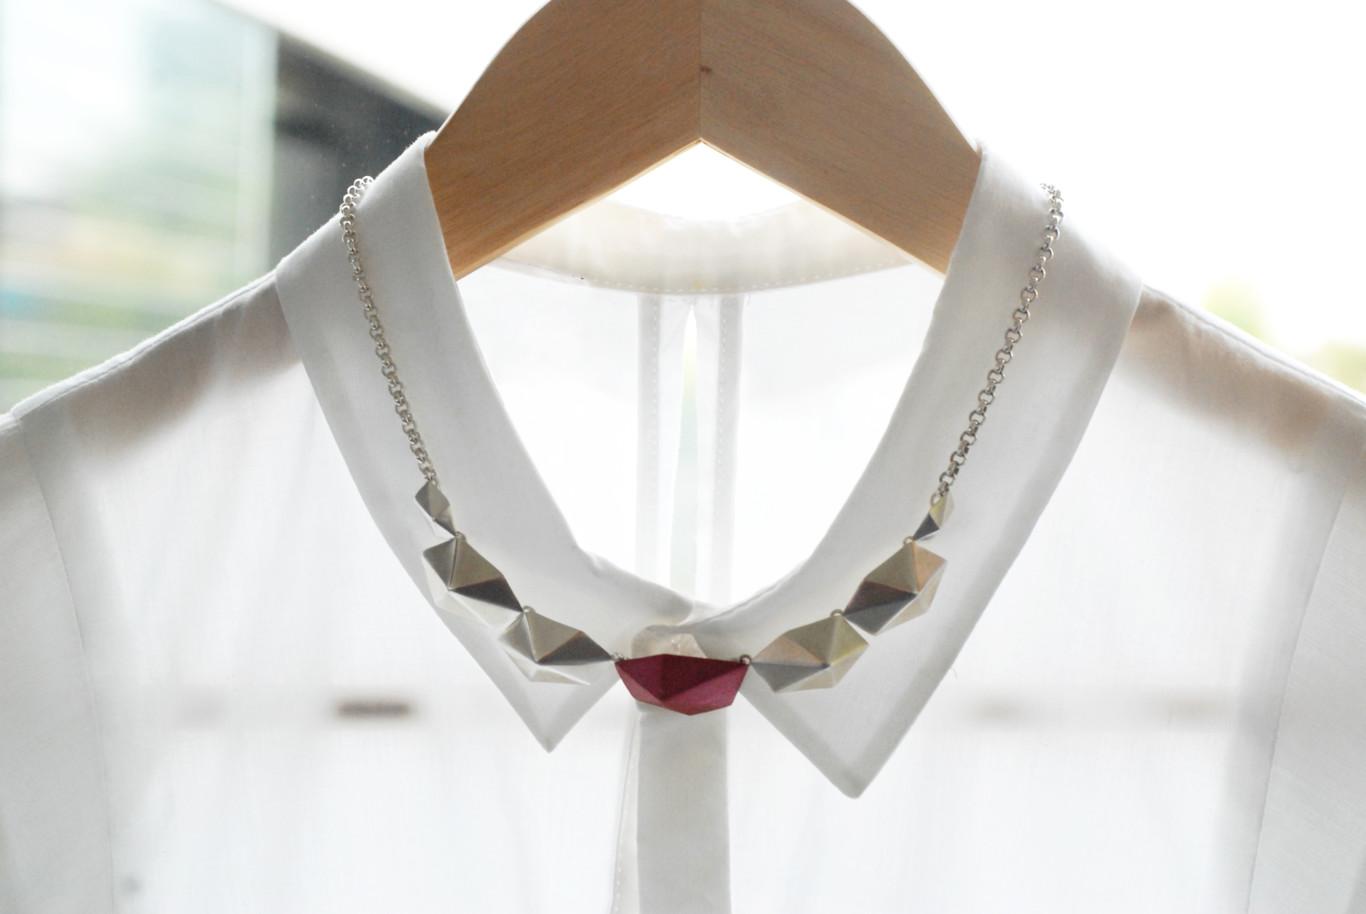 124bab13e78e Estas son las marcas de pequeñas joyas que debes conocer para adornar tus  outfits